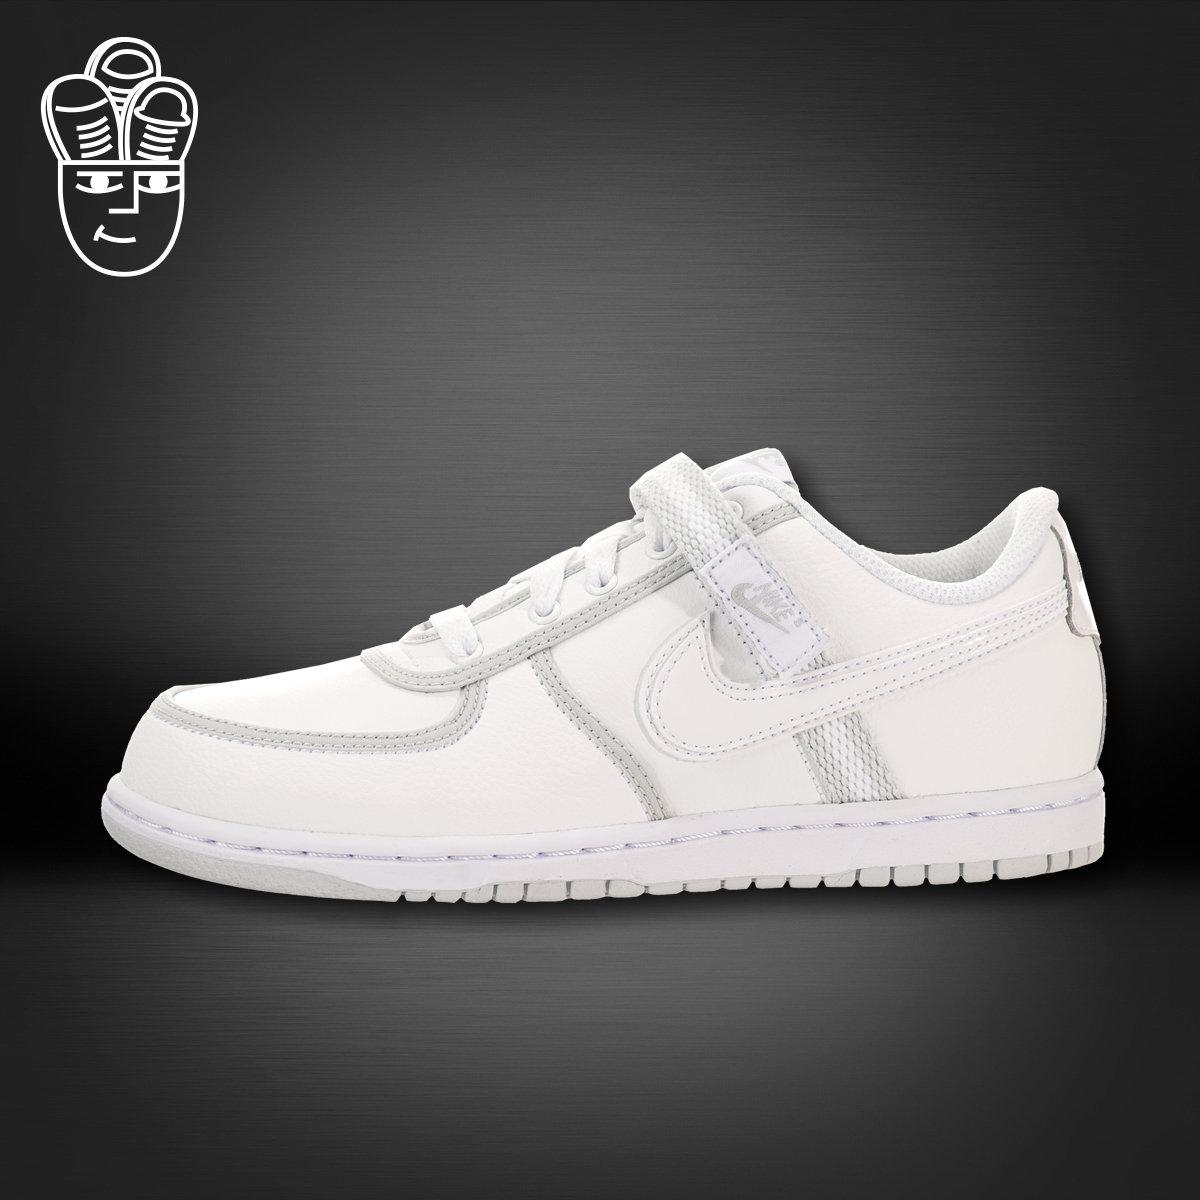 Детская спортивная обувь Nike  Vandal Low 220вольт скил 5866 аф